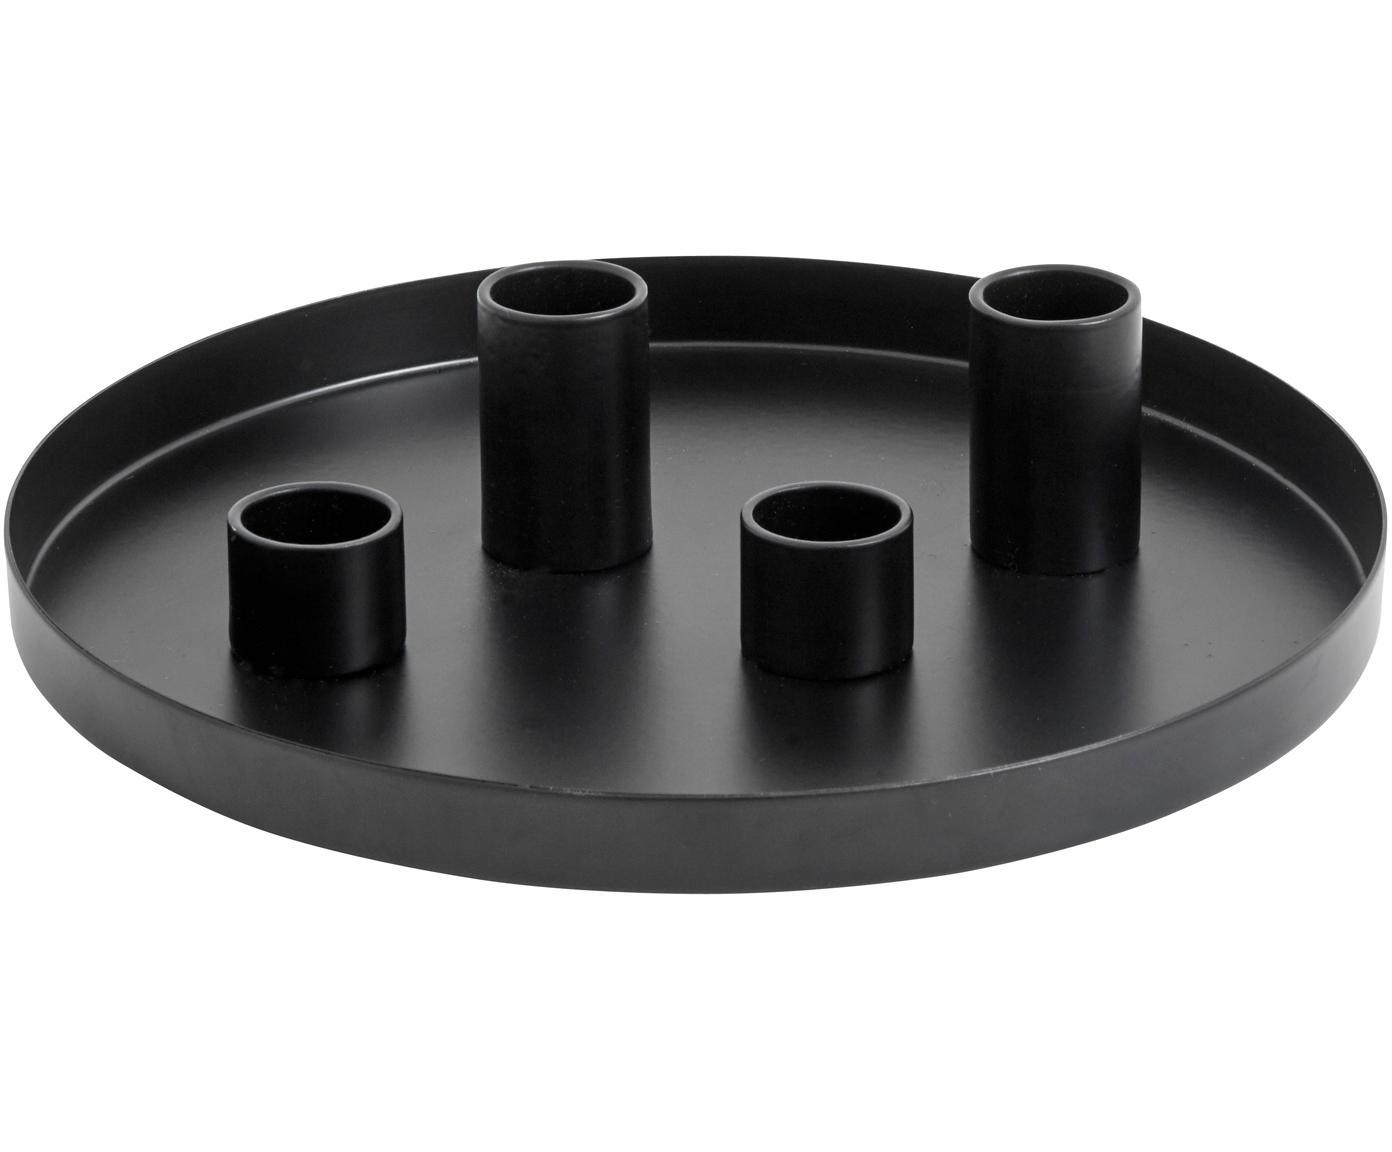 Kerzenhalter Cups, Metall, pulverbeschichtet, Schwarz, Ø 20 x H 5 cm